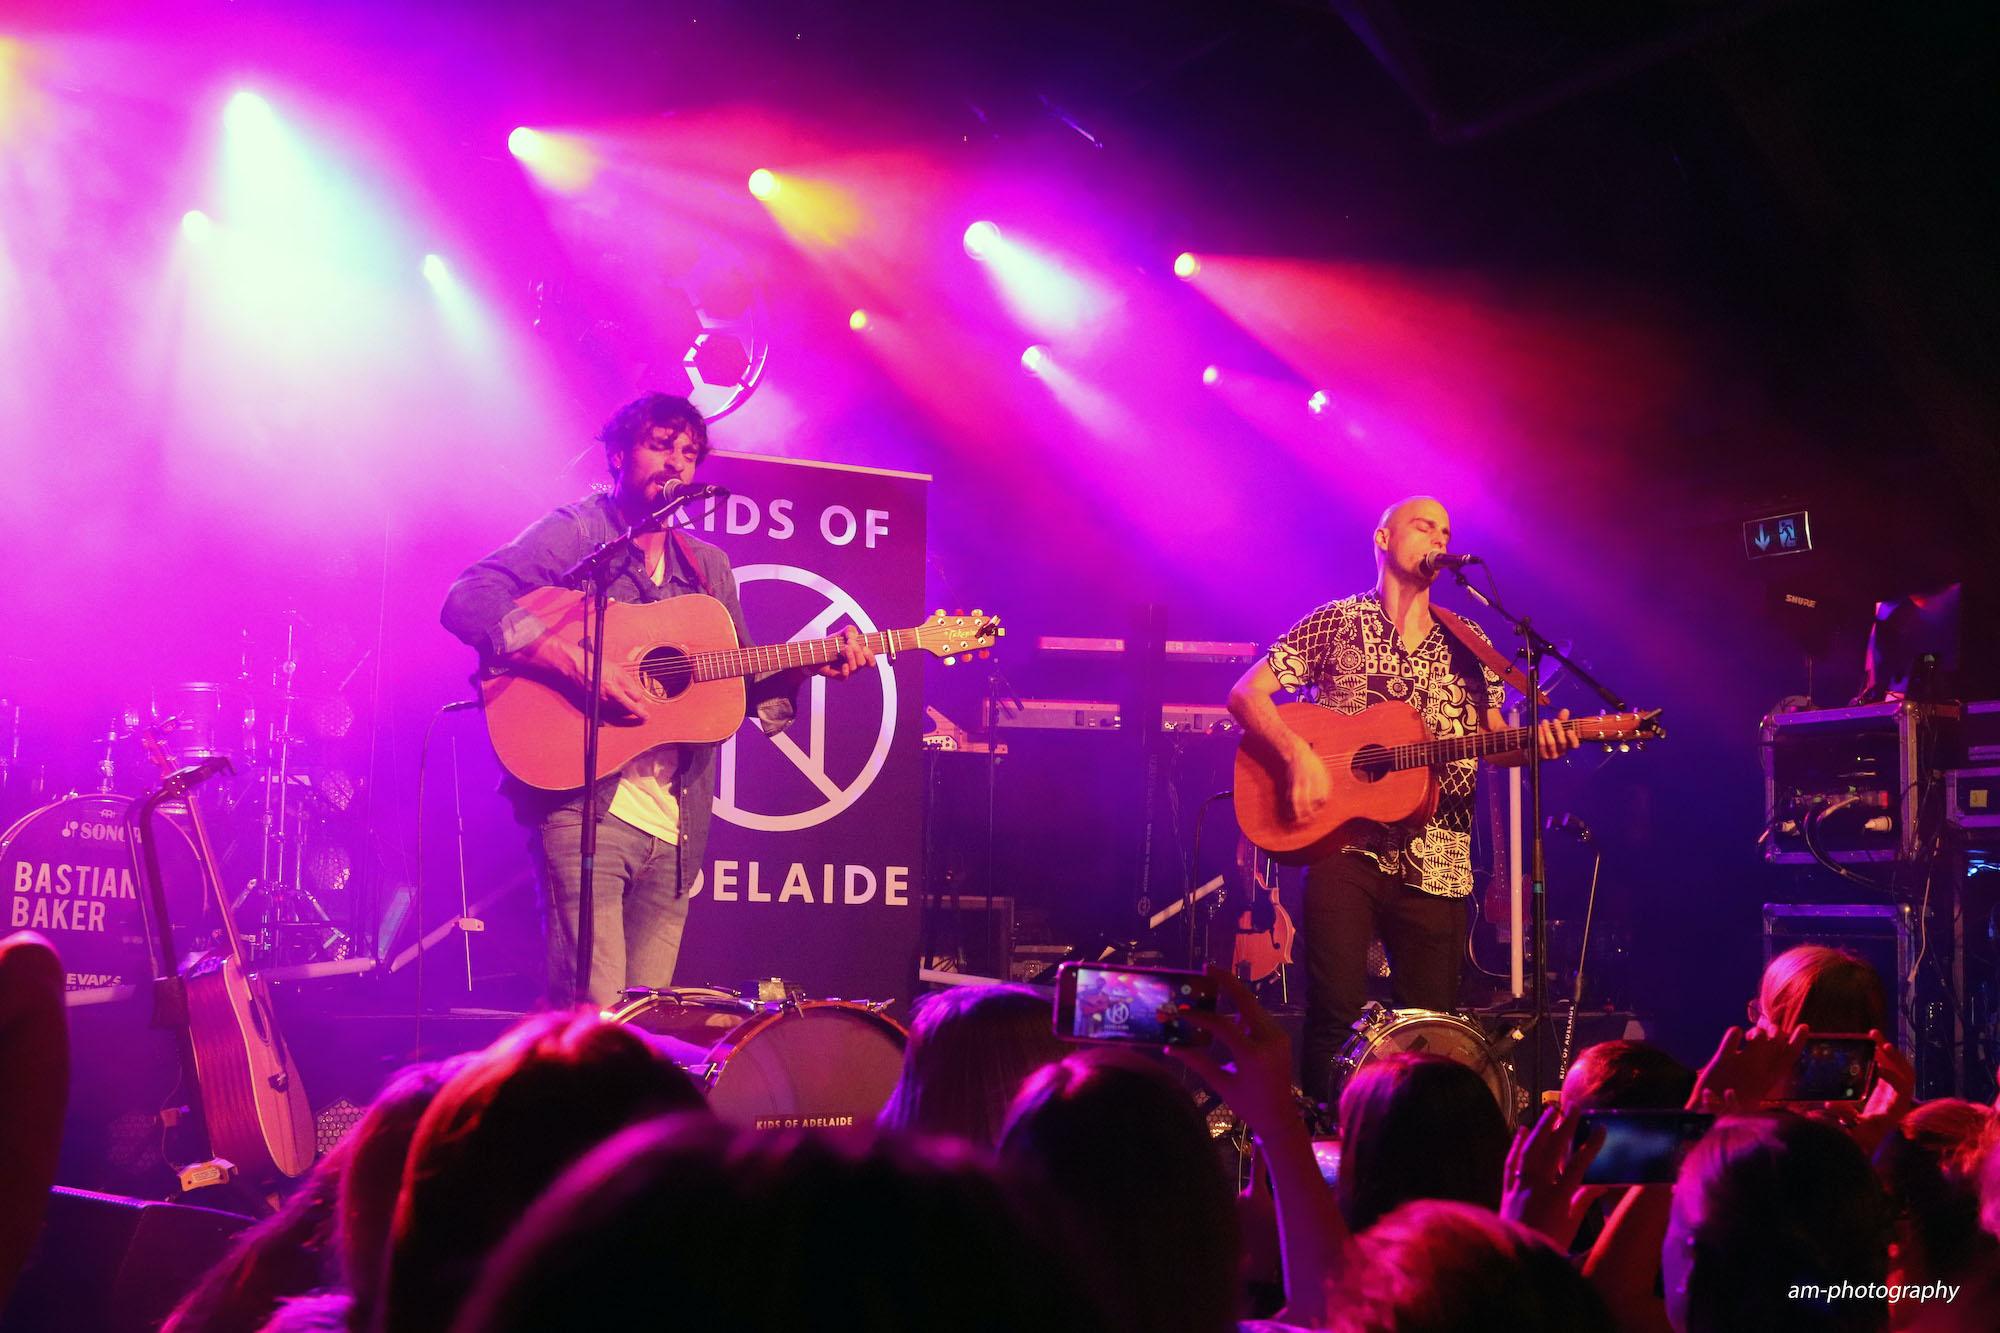 Support waren Kids of Adelaide